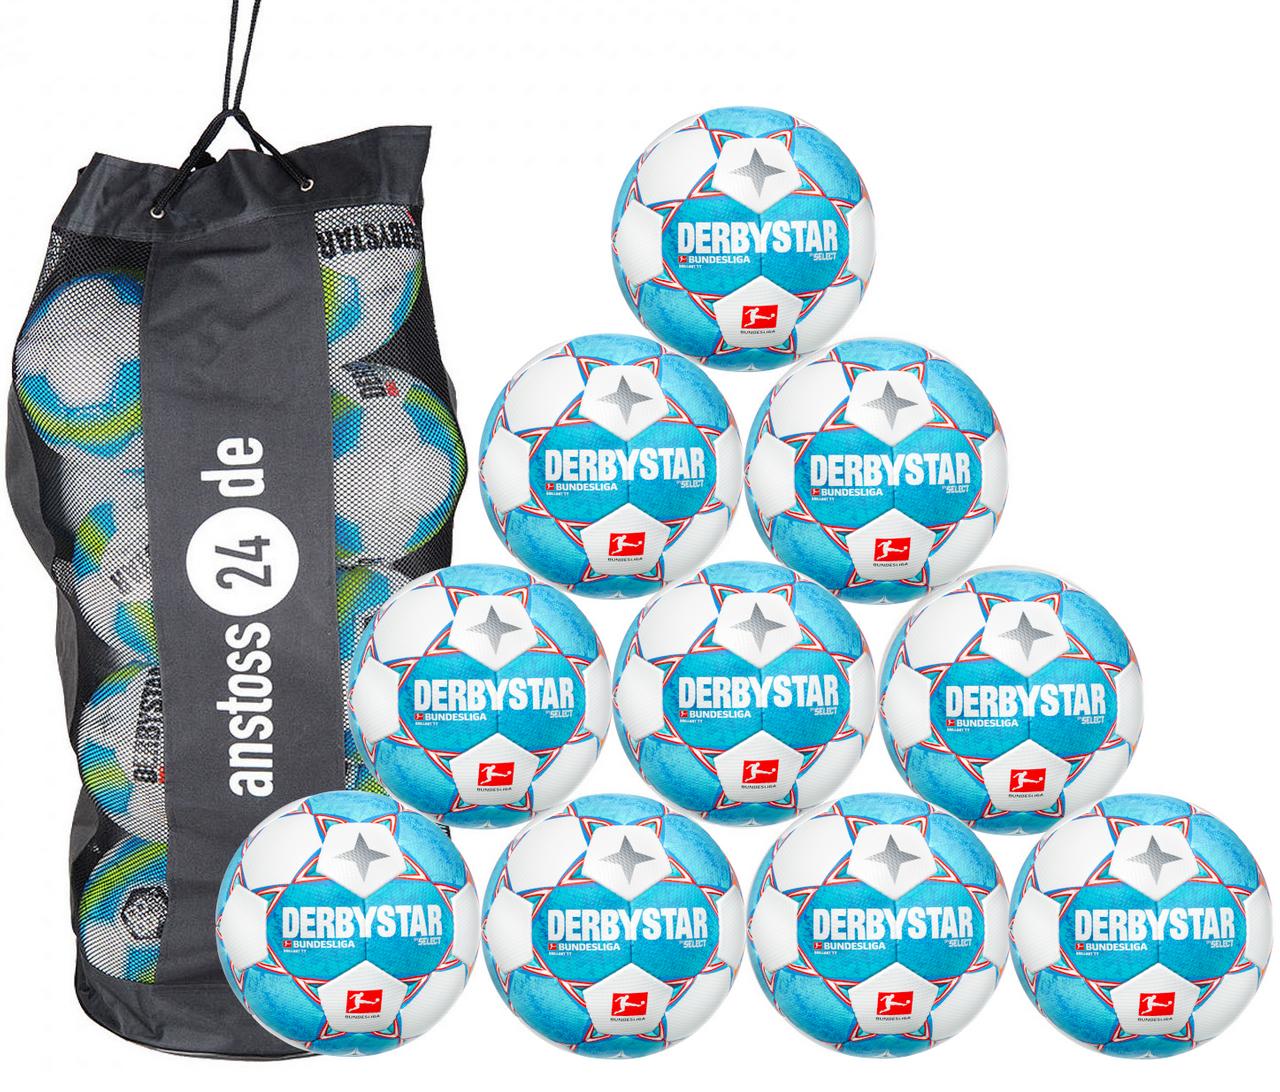 10 x DERBYSTAR Trainingsball - BUNDESLIGA BRILLANT TT 21/22 inkl. Ballsack